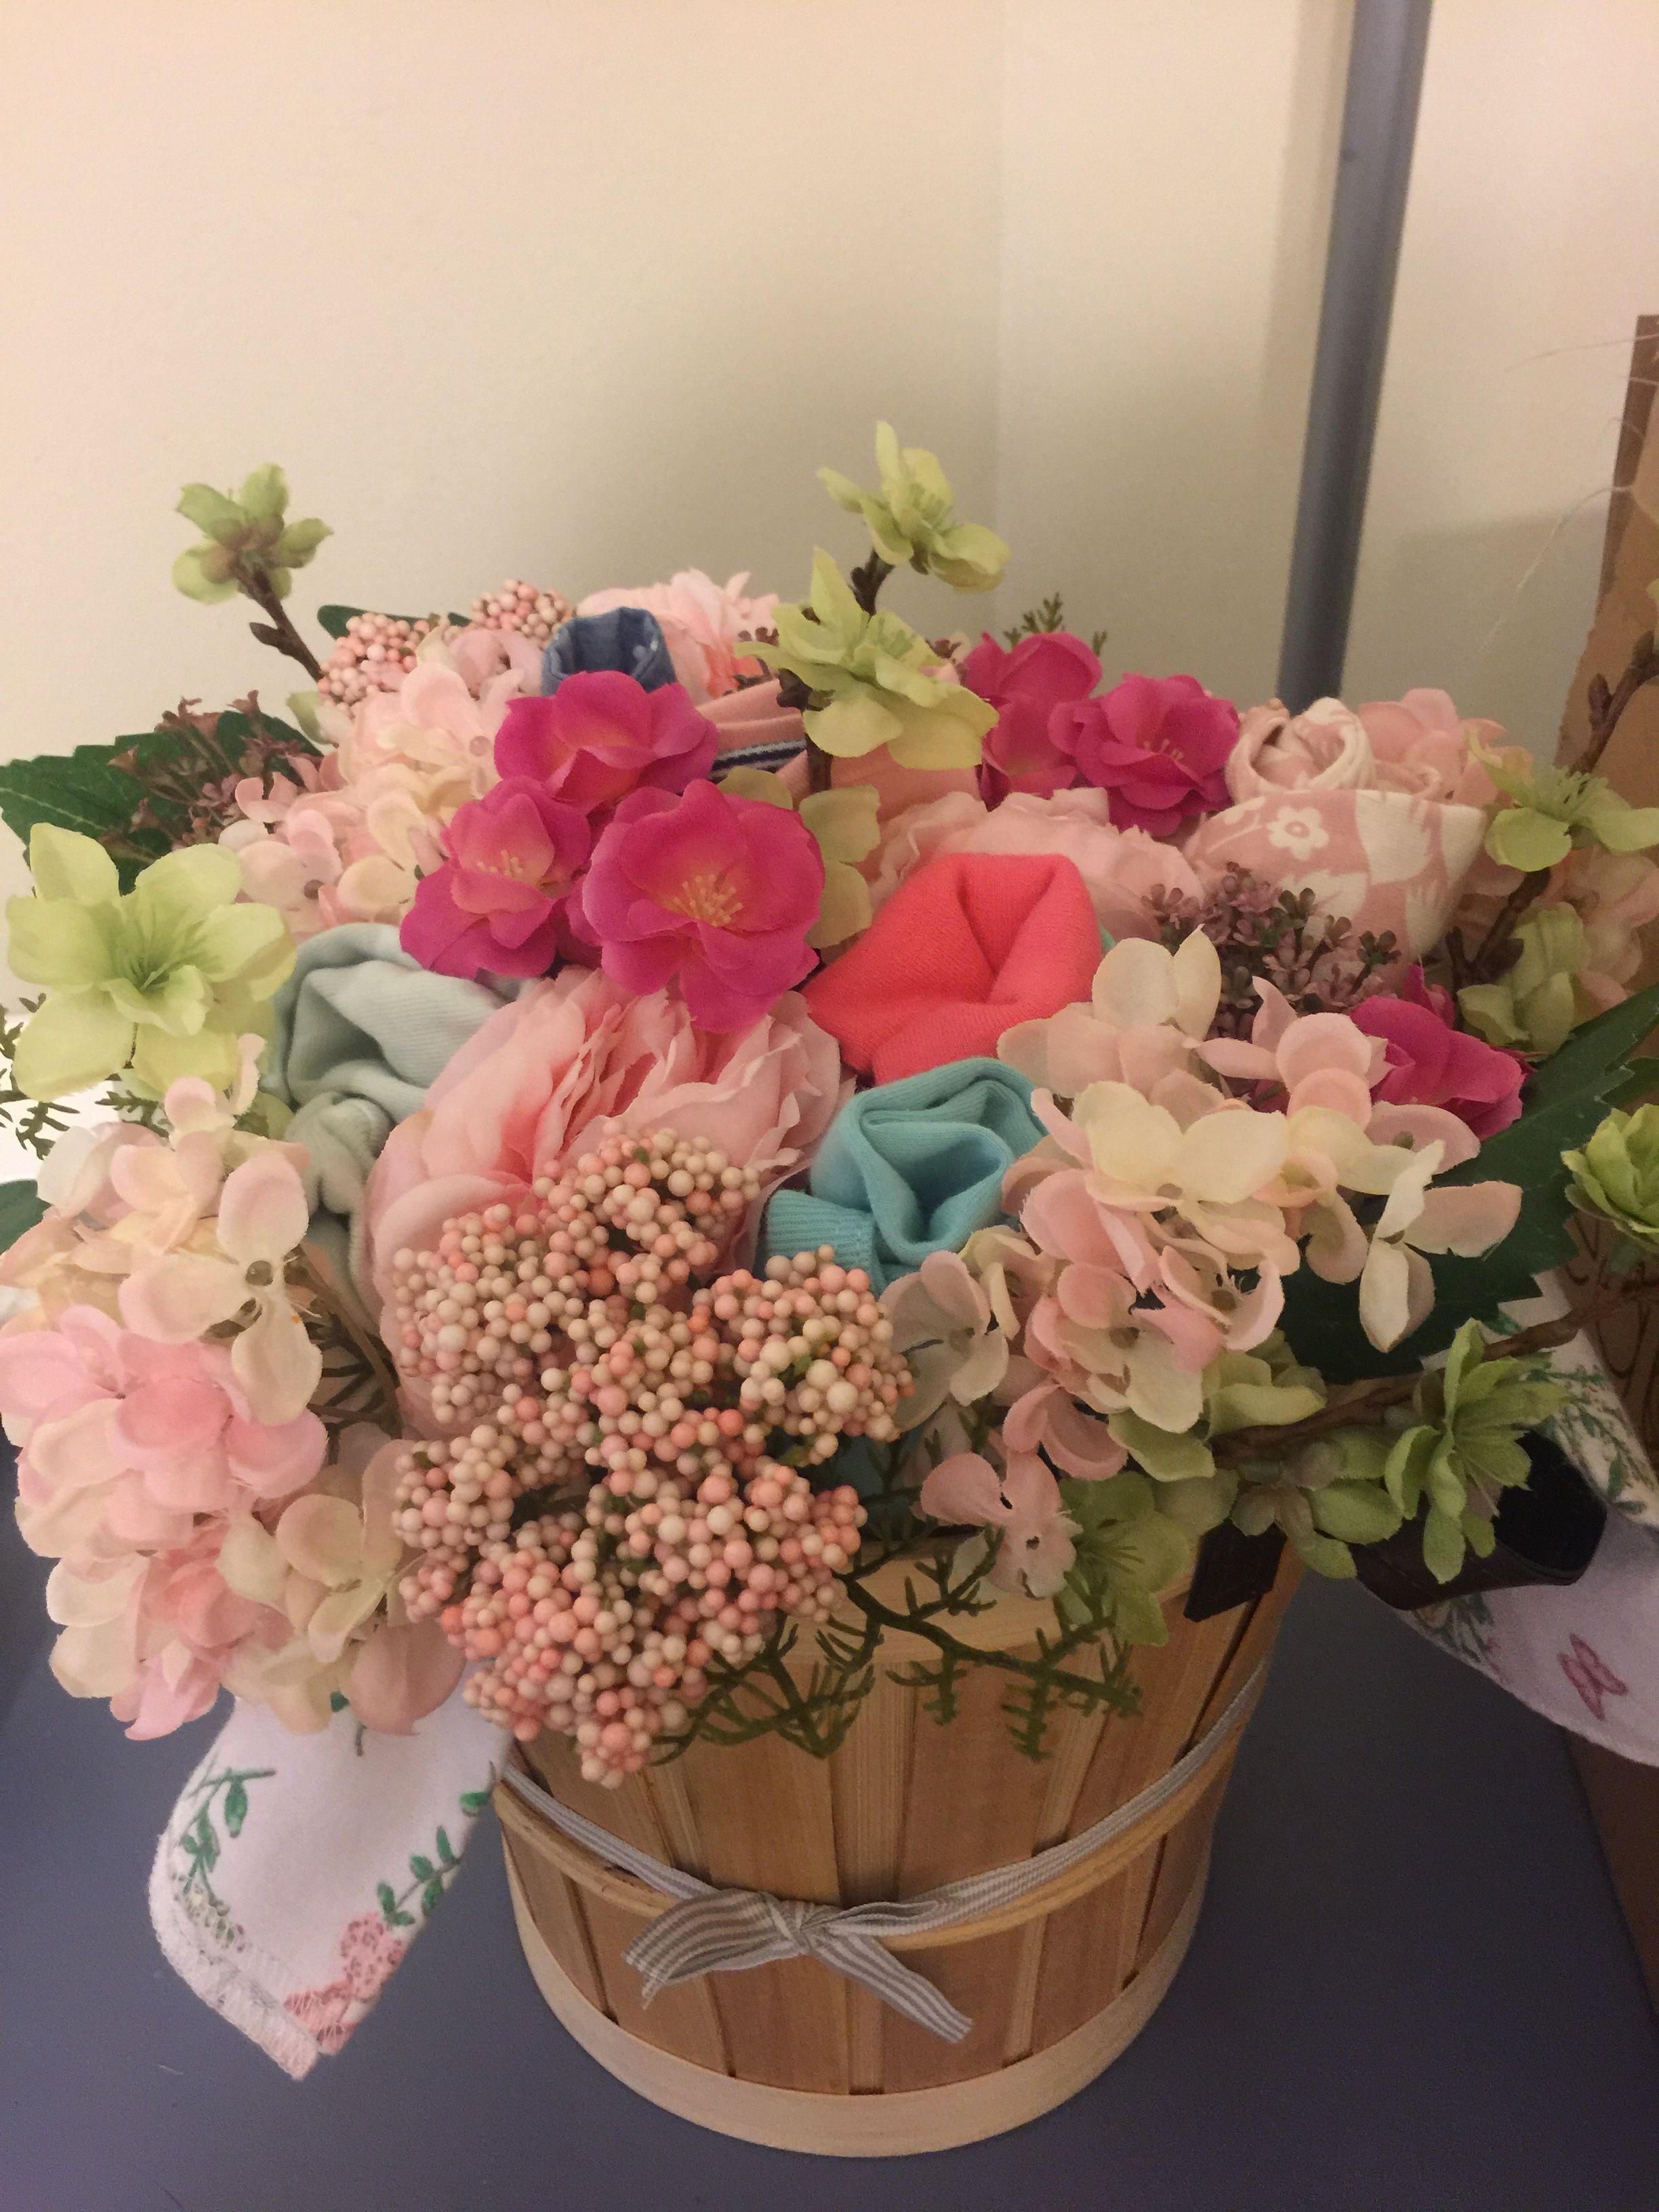 Baby shower bouquet onesie bouquet plus silk flowers i pretend to baby shower bouquet onesie bouquet plus silk flowers izmirmasajfo